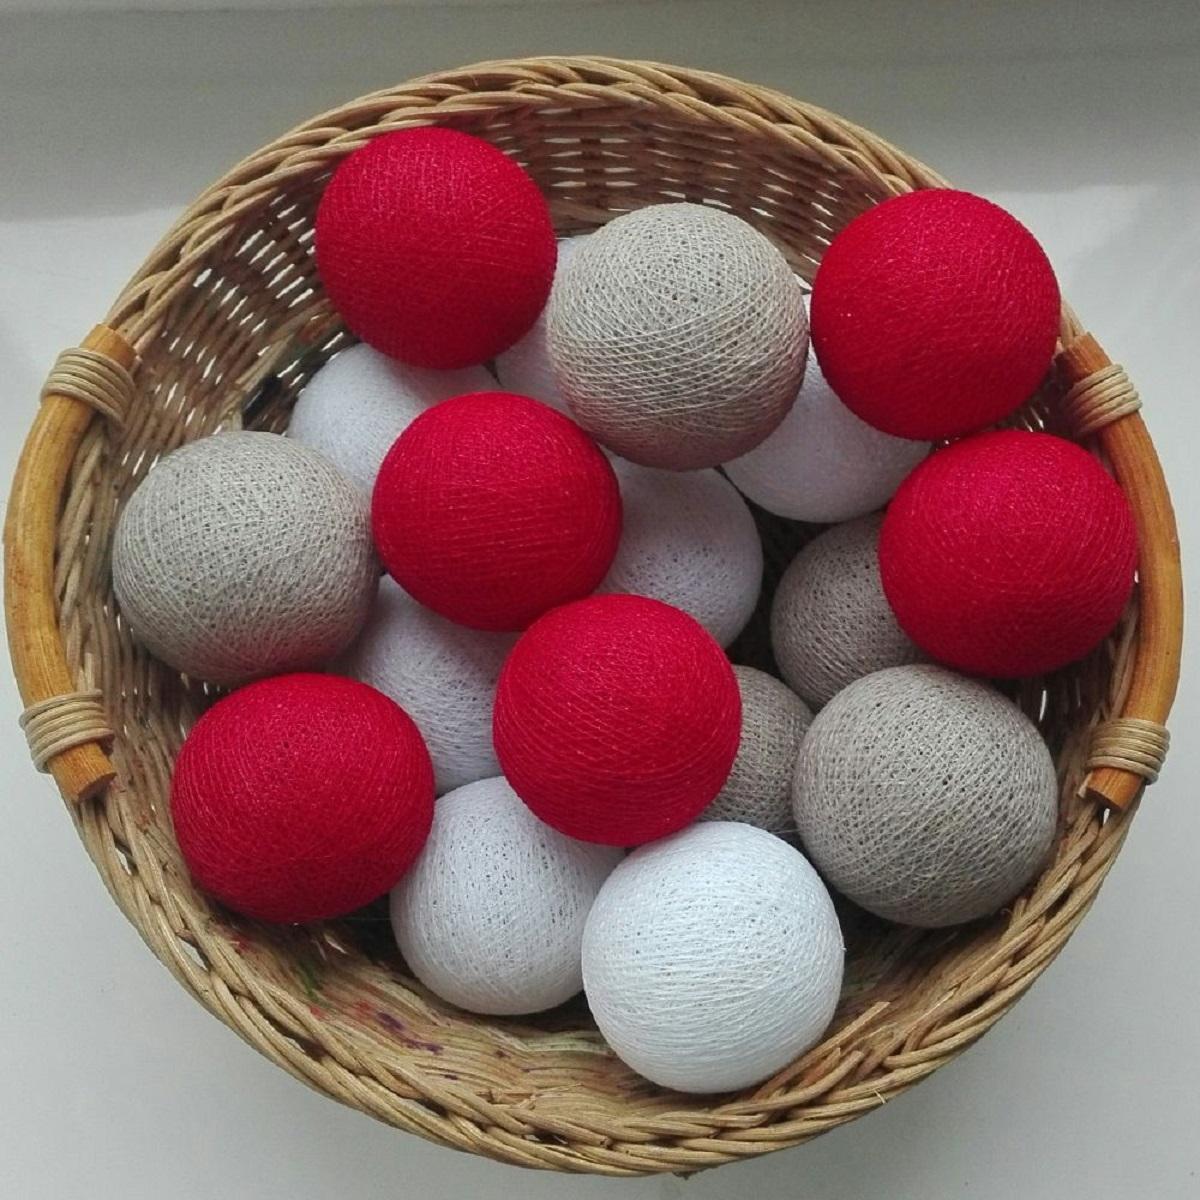 Гирлянда из ниточных шаров своими руками